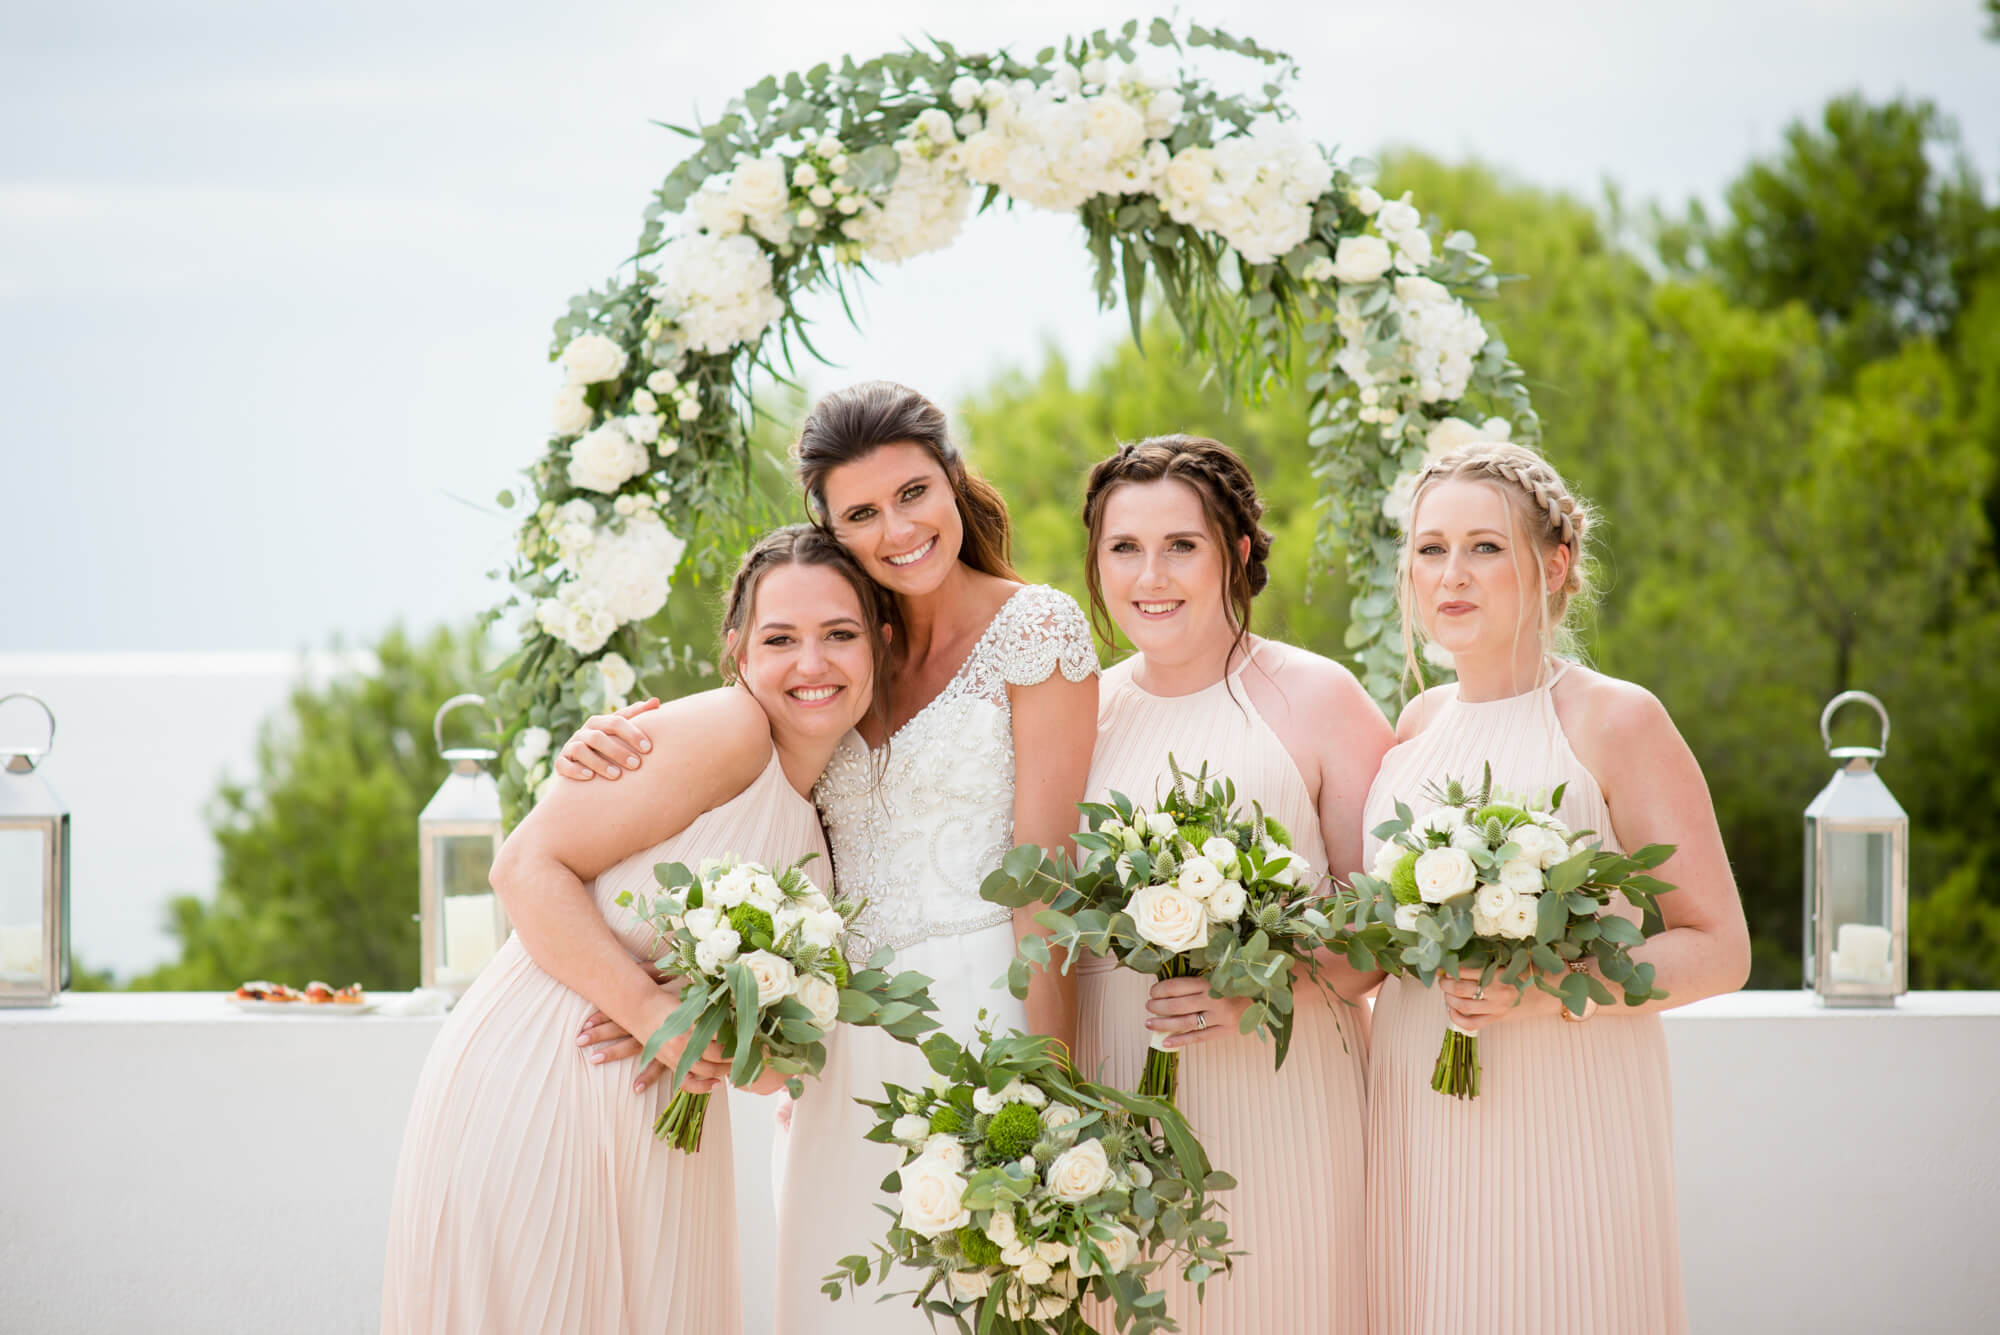 bridesmaids bride formal photos seaside venue es vedra view